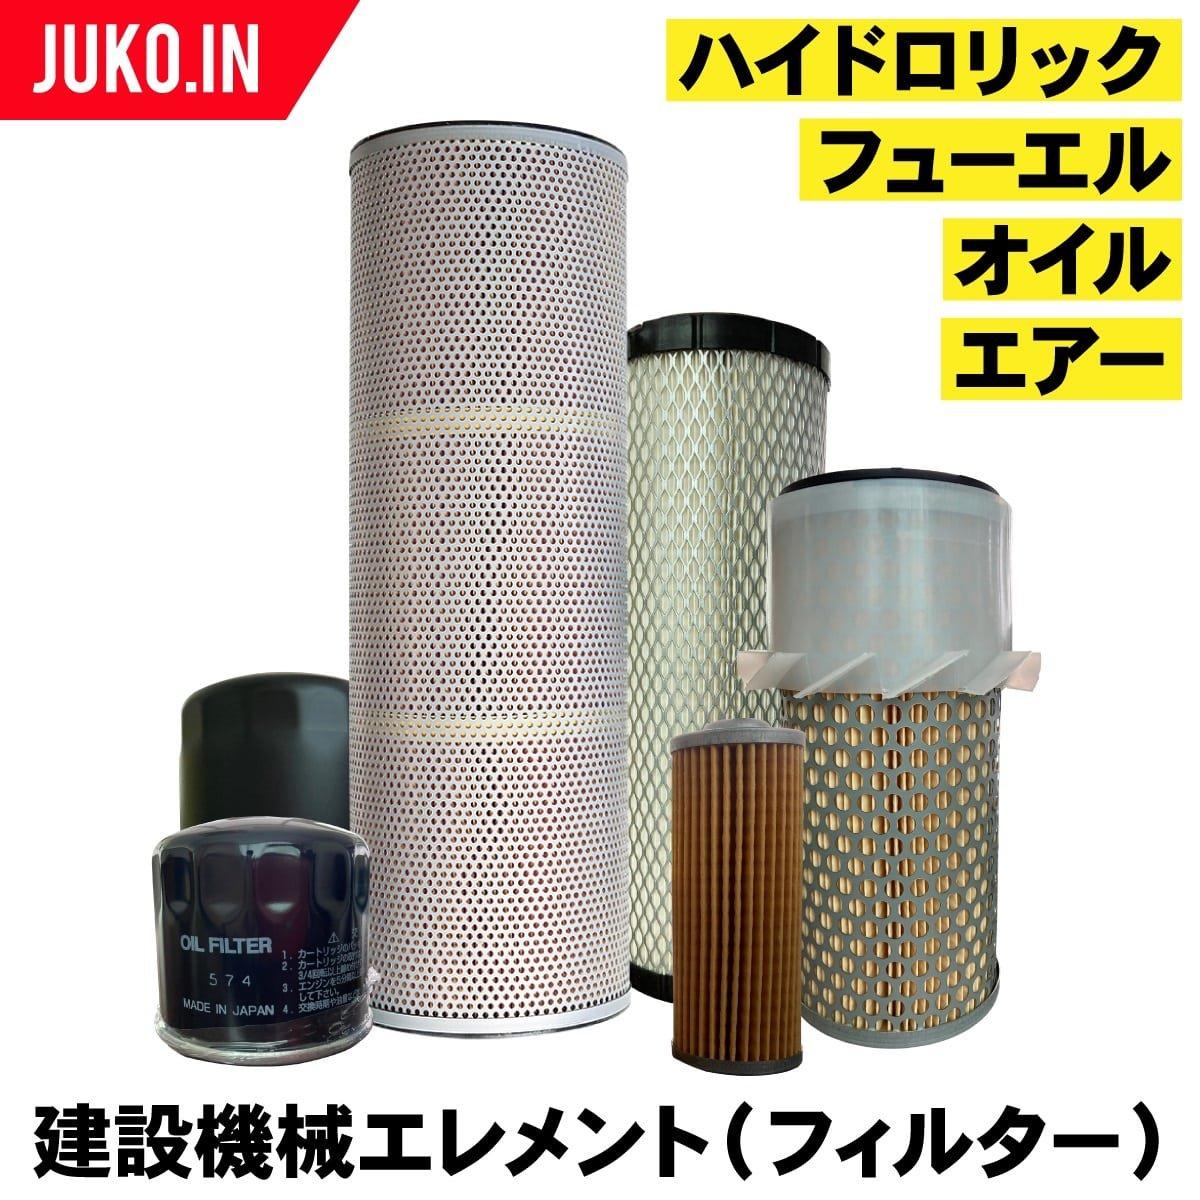 コマツ ブルドーザー DR450-1 ハイドロリックエレメントH-116 (リターン)